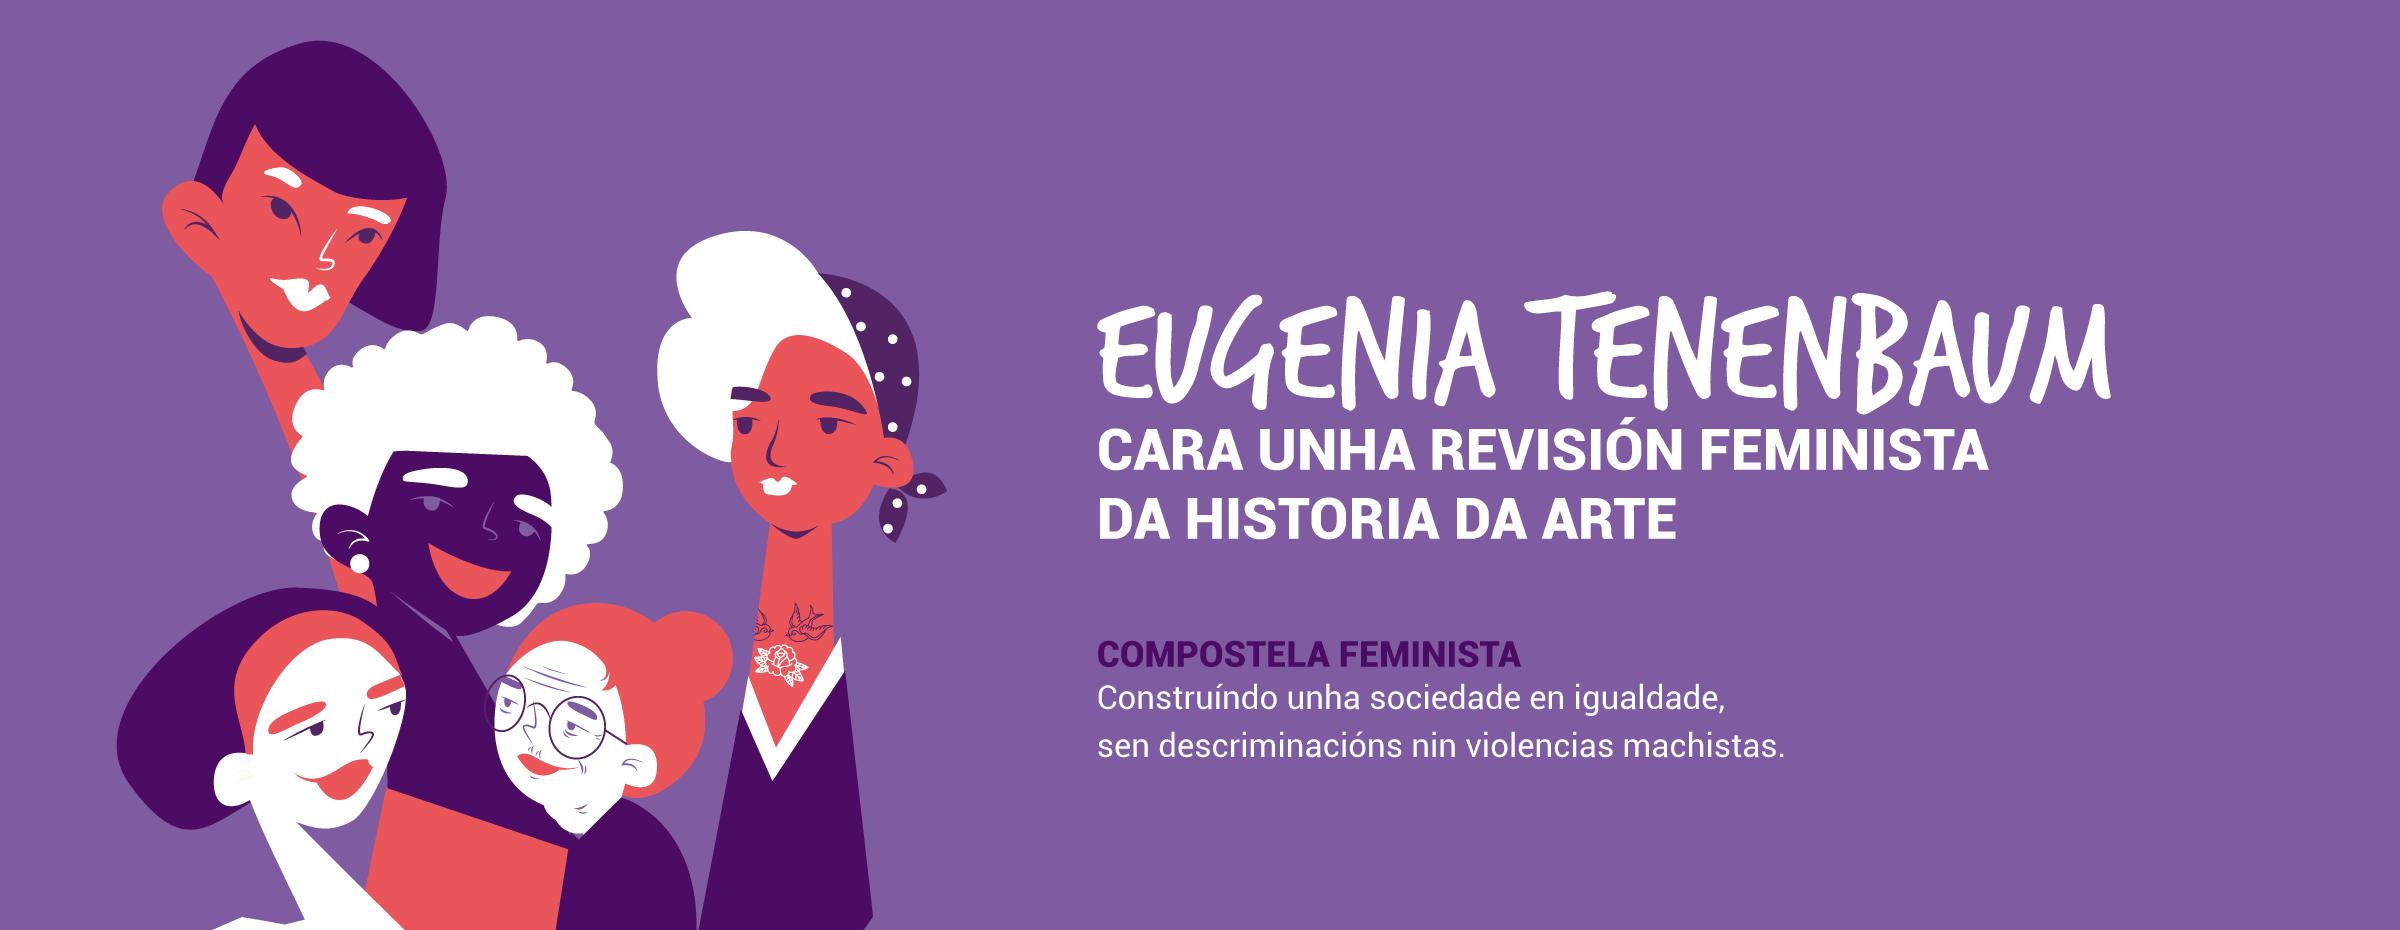 Eugenia Tenenbaum